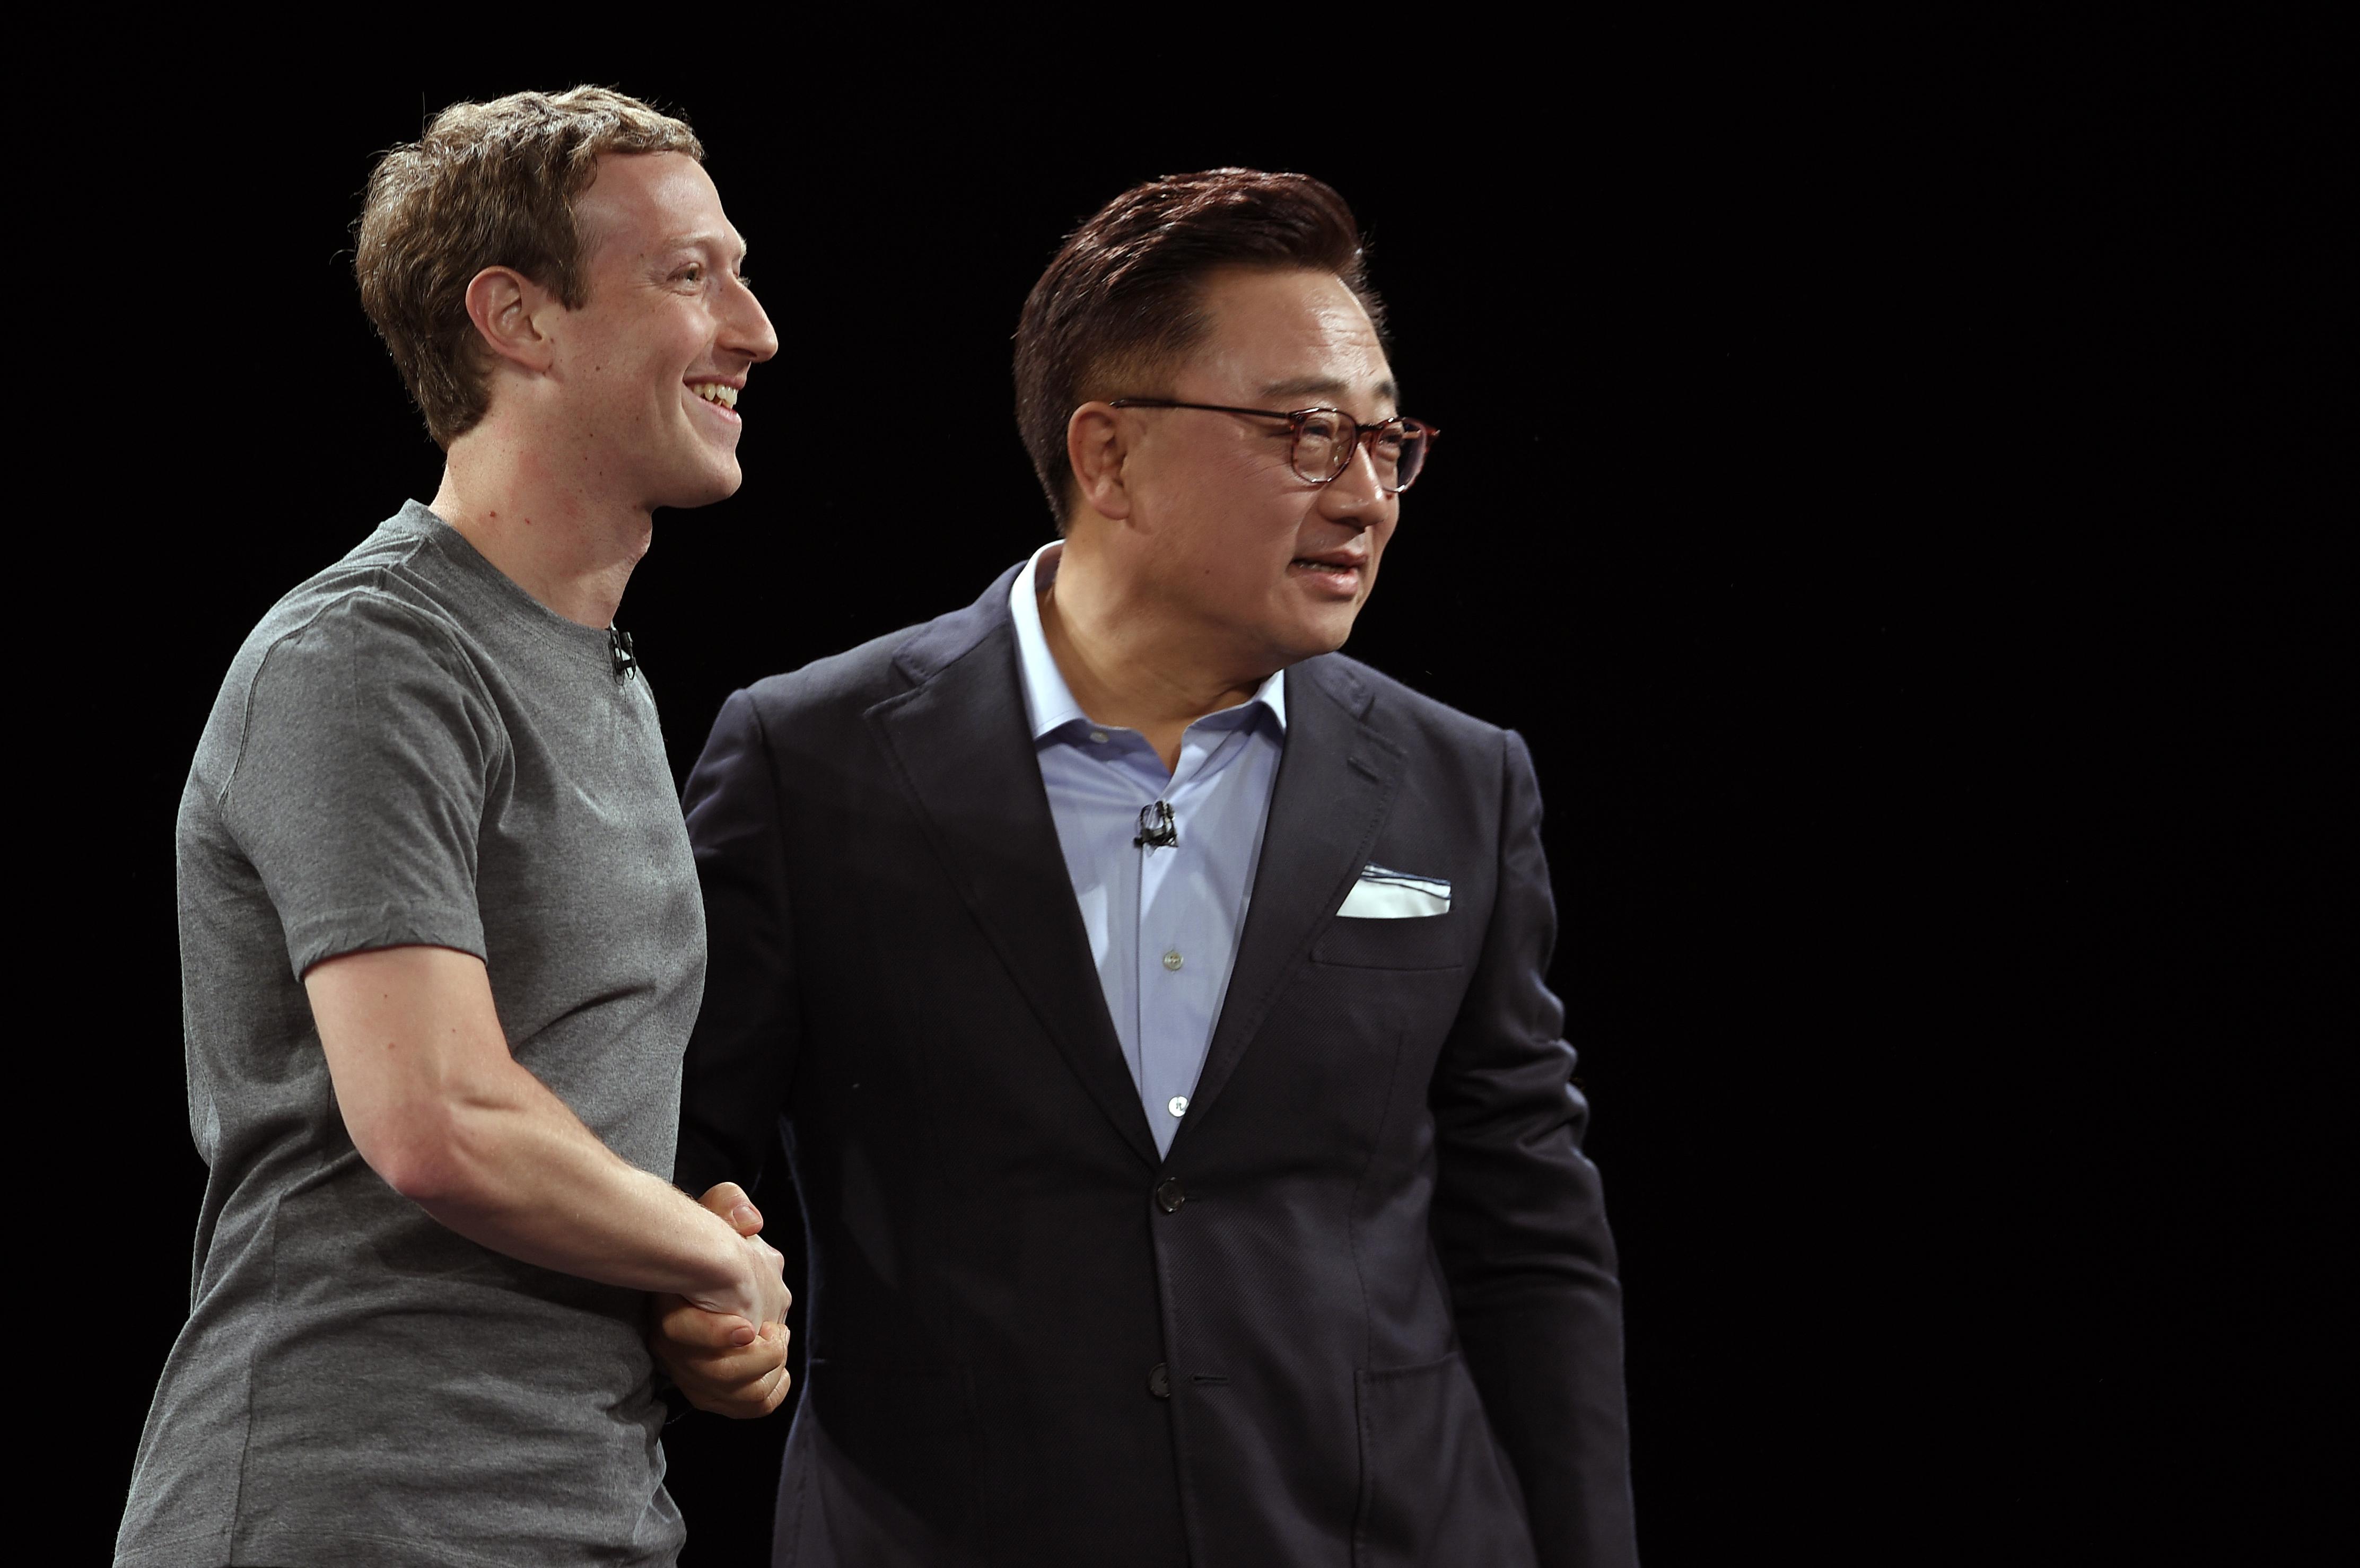 مؤسس فيسبوك مارك زوكيبرغ ورئيس سامسونغ موبايل دي جي كوه. أرشيفية